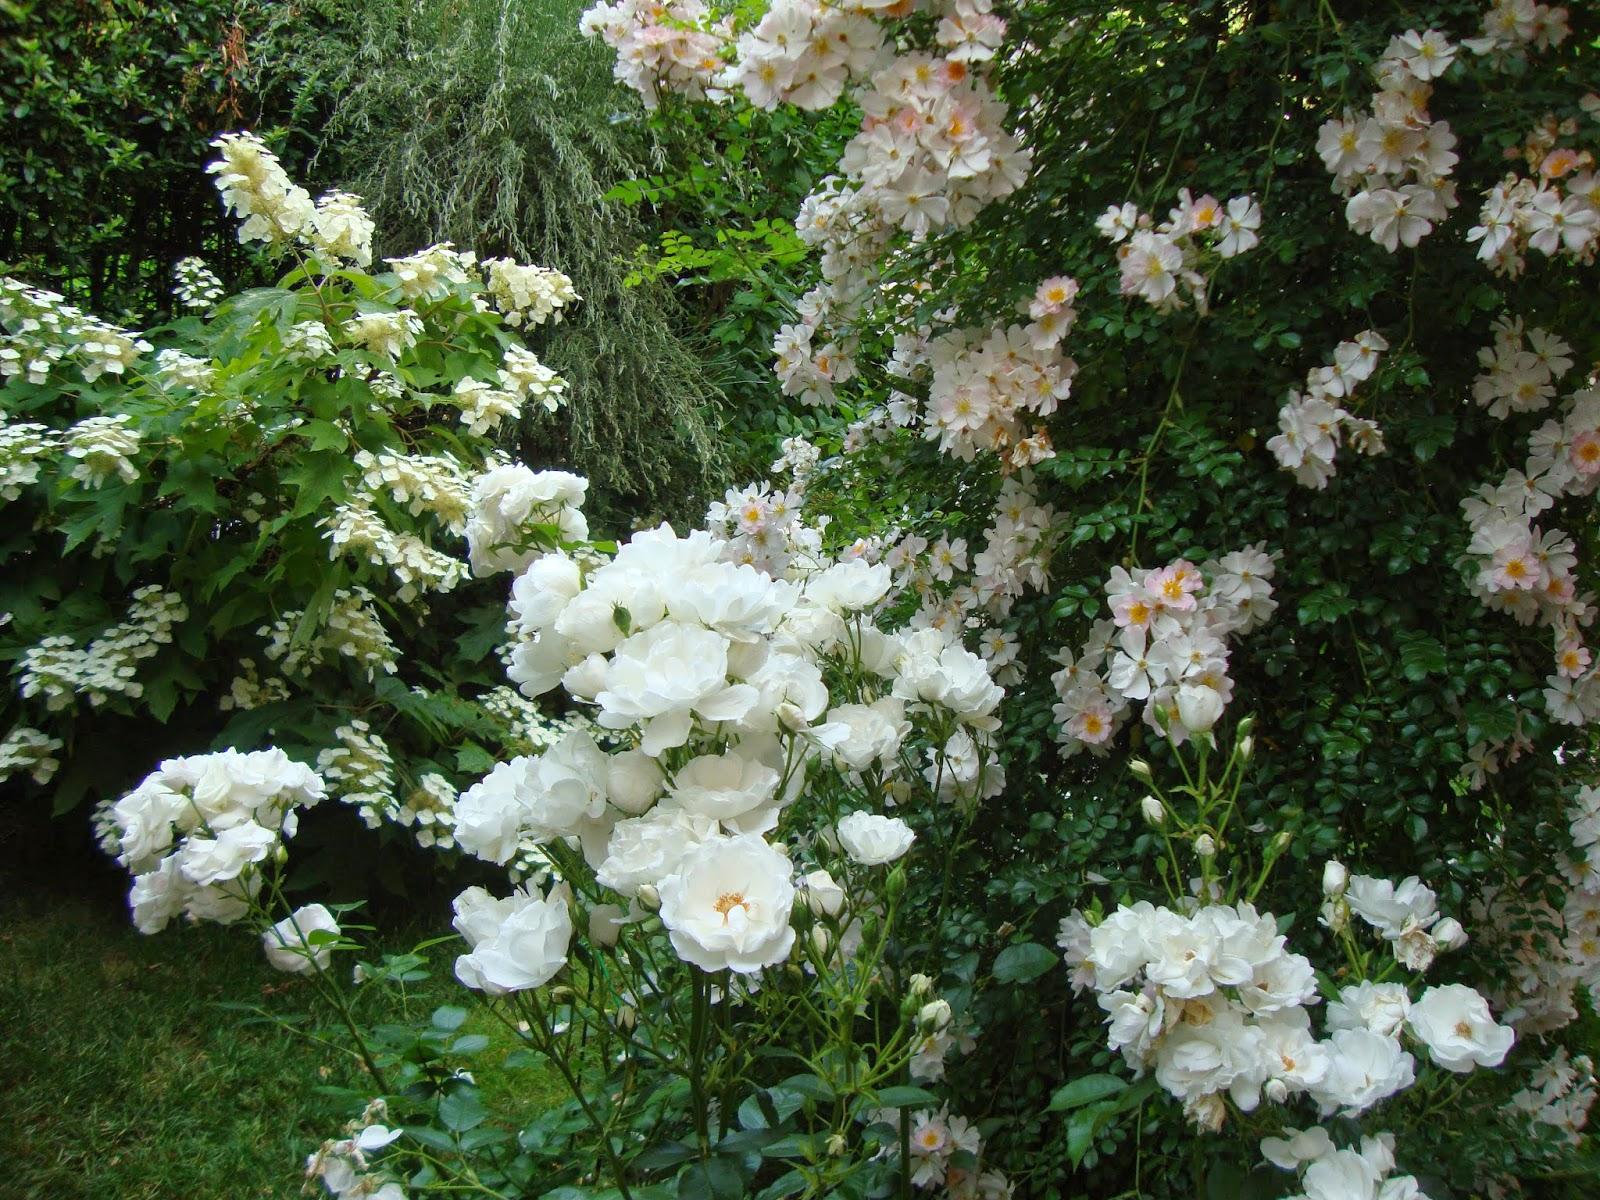 Avere Un Giardino Bianco è Stata Per Me La Naturale Soluzione A Un Problema  Molto Comune Nei Piccoli Giardini Urbani, Spazi Preziosi Per Chi Vive In  Città, ...